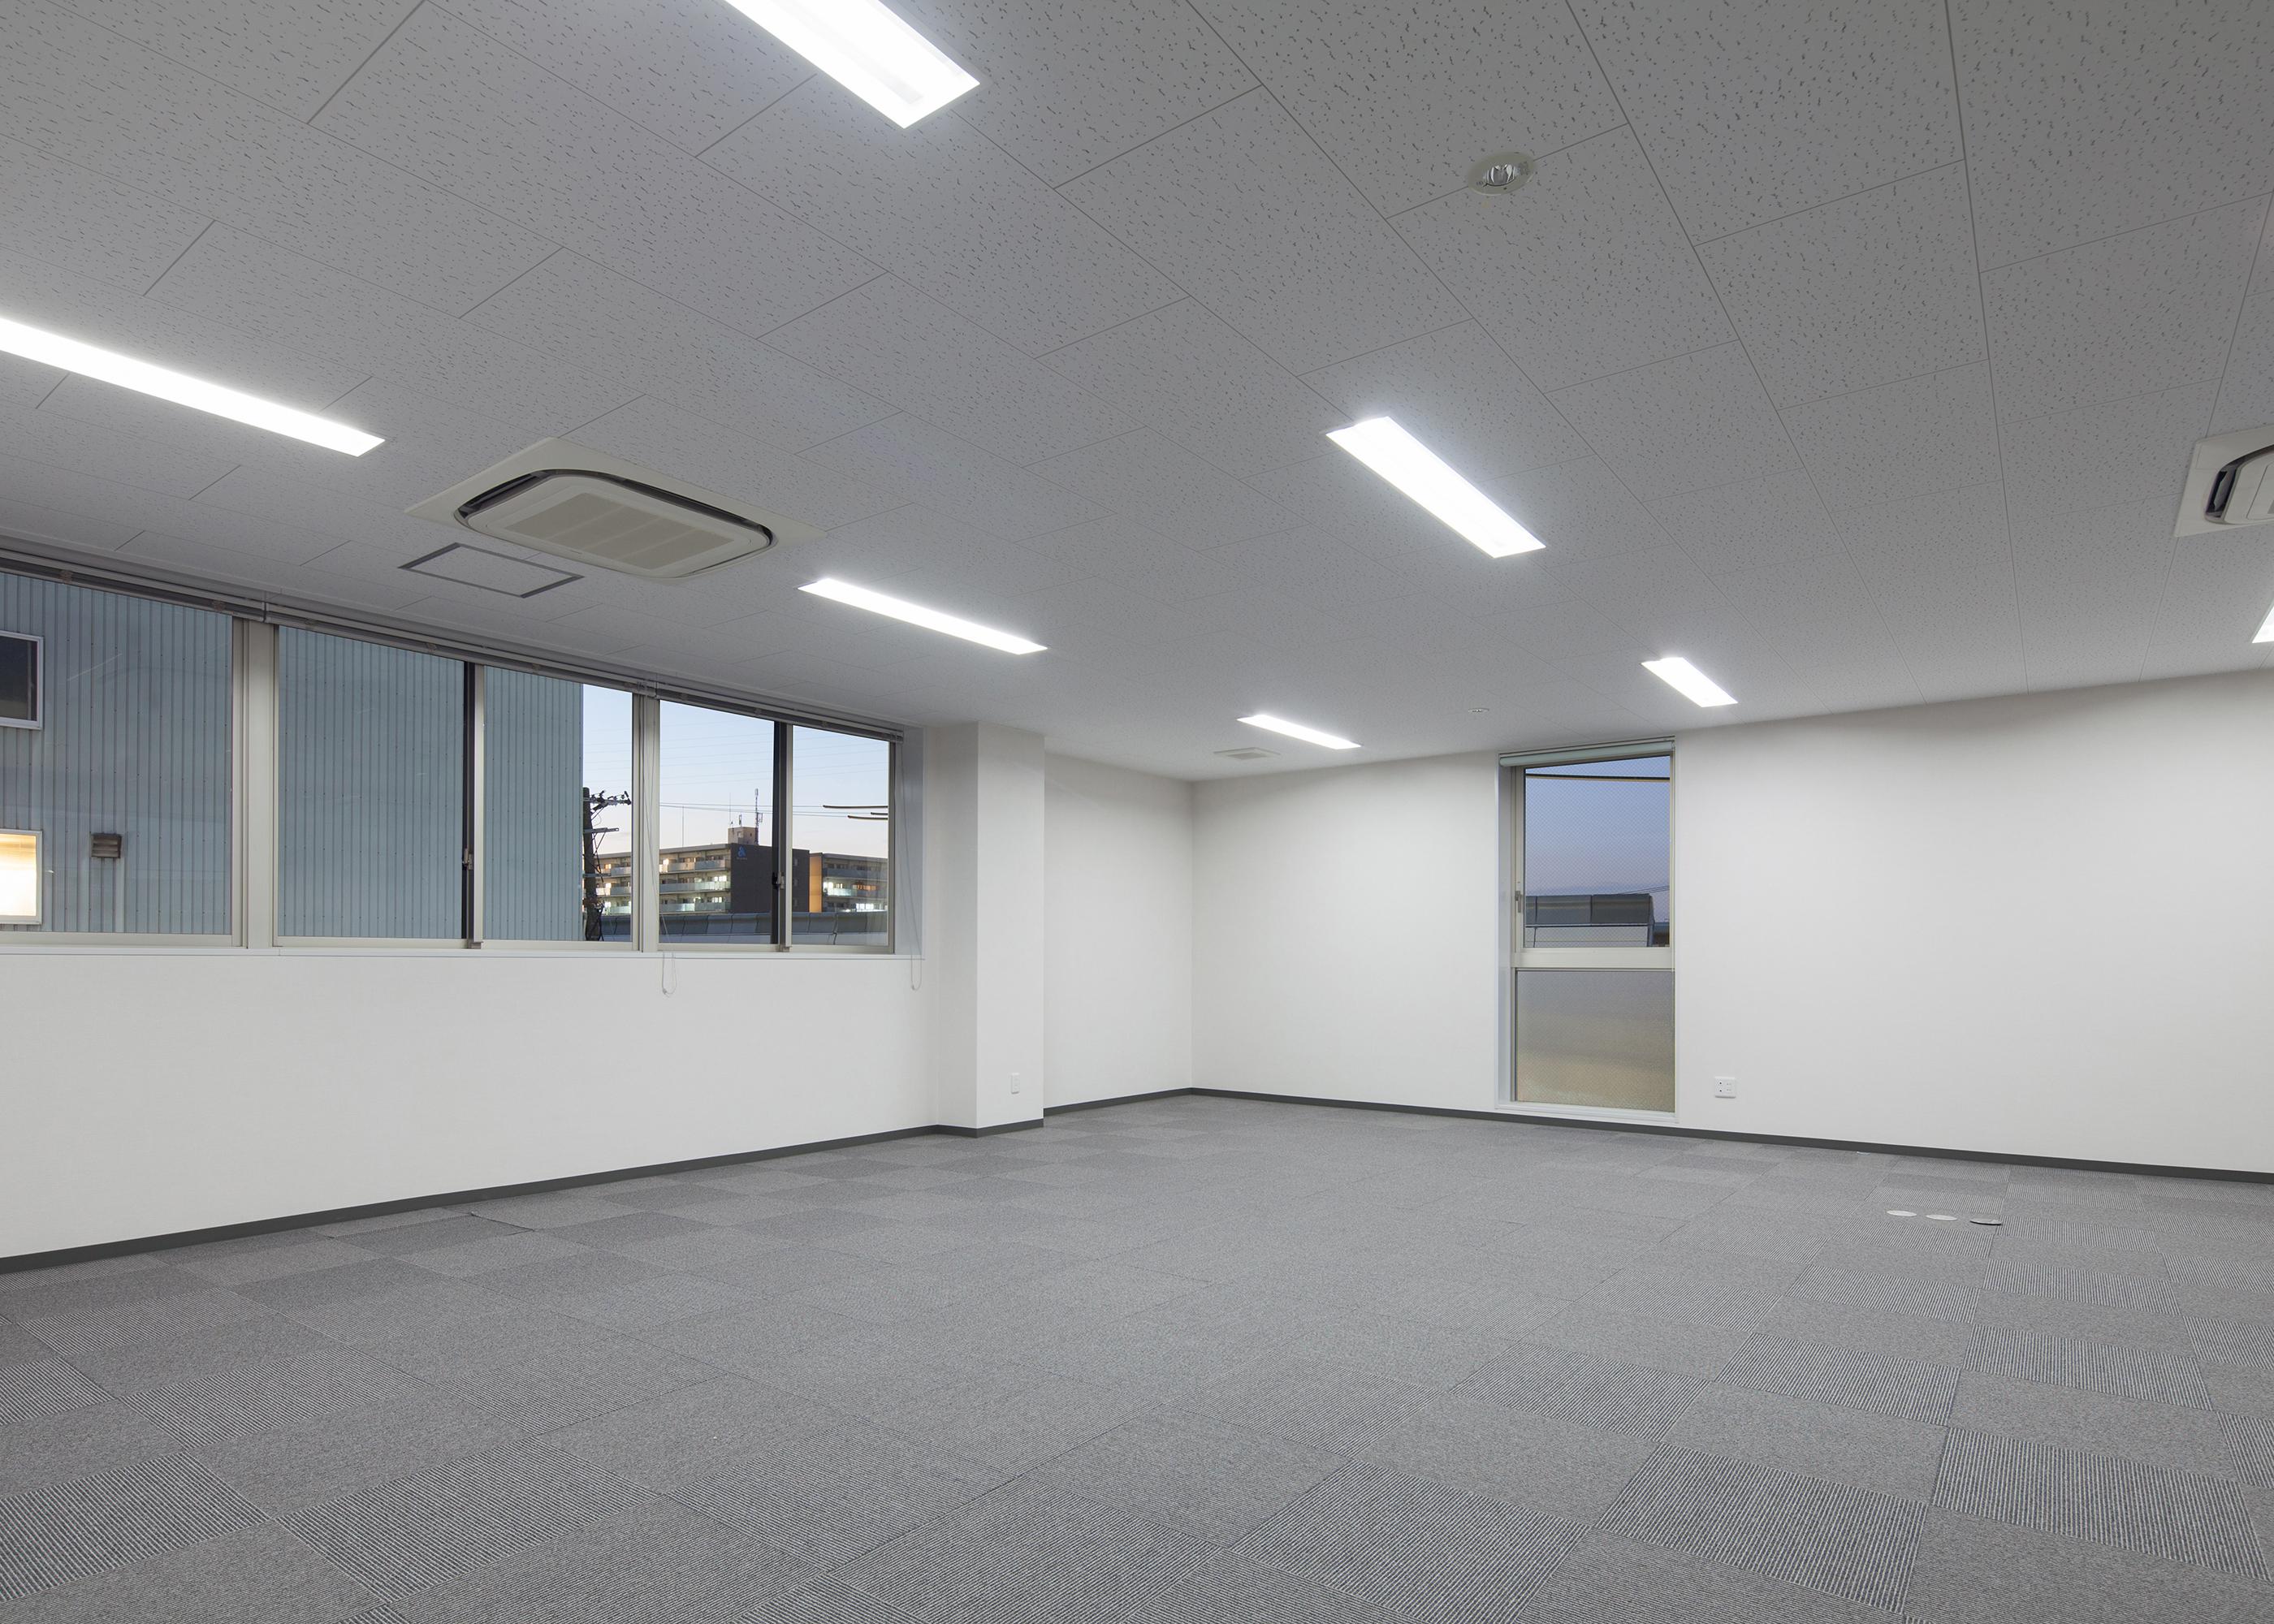 S社尼崎営業所